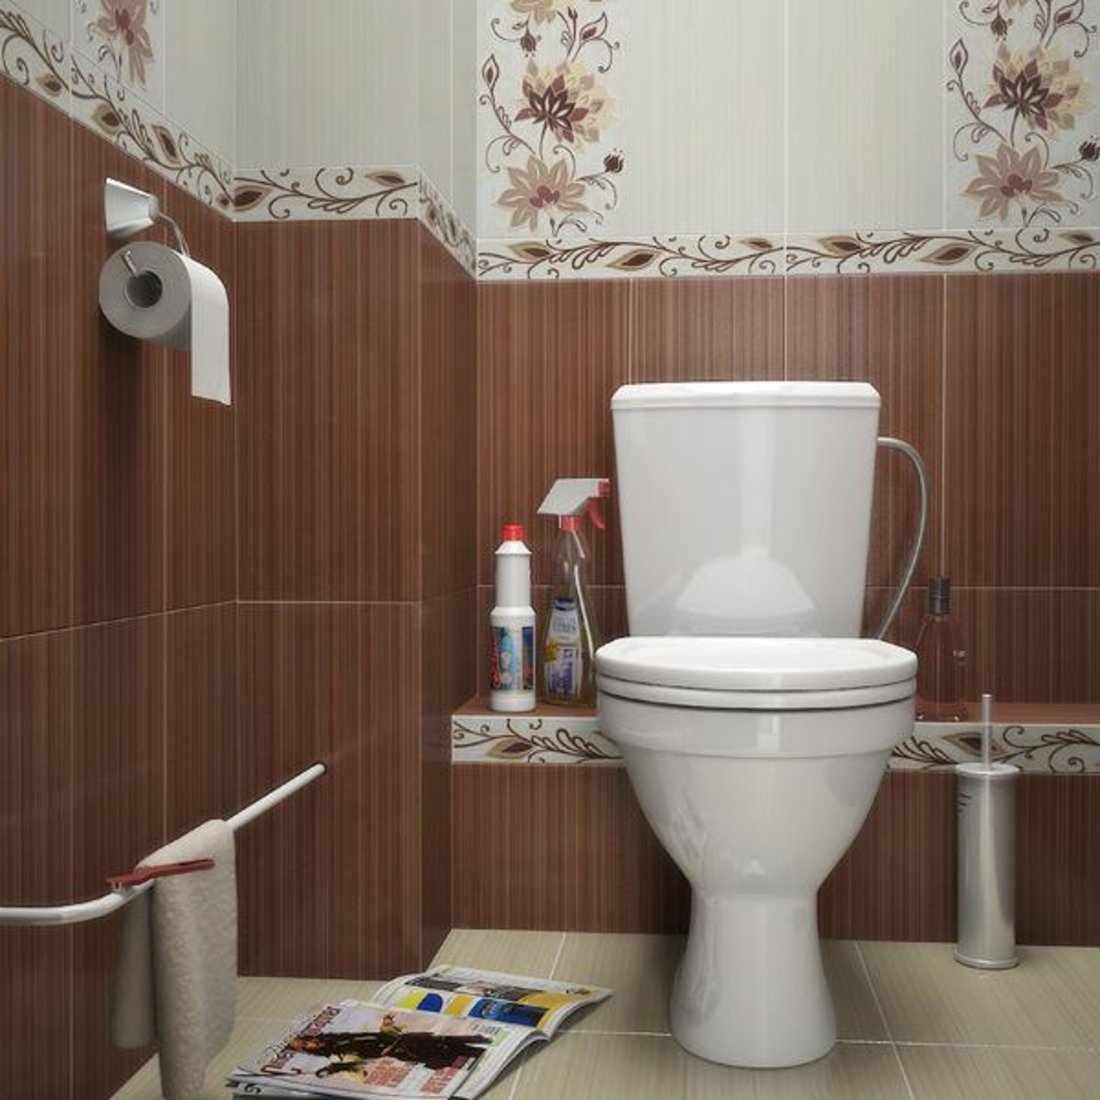 Цветочный орнамент в дизайне туалета